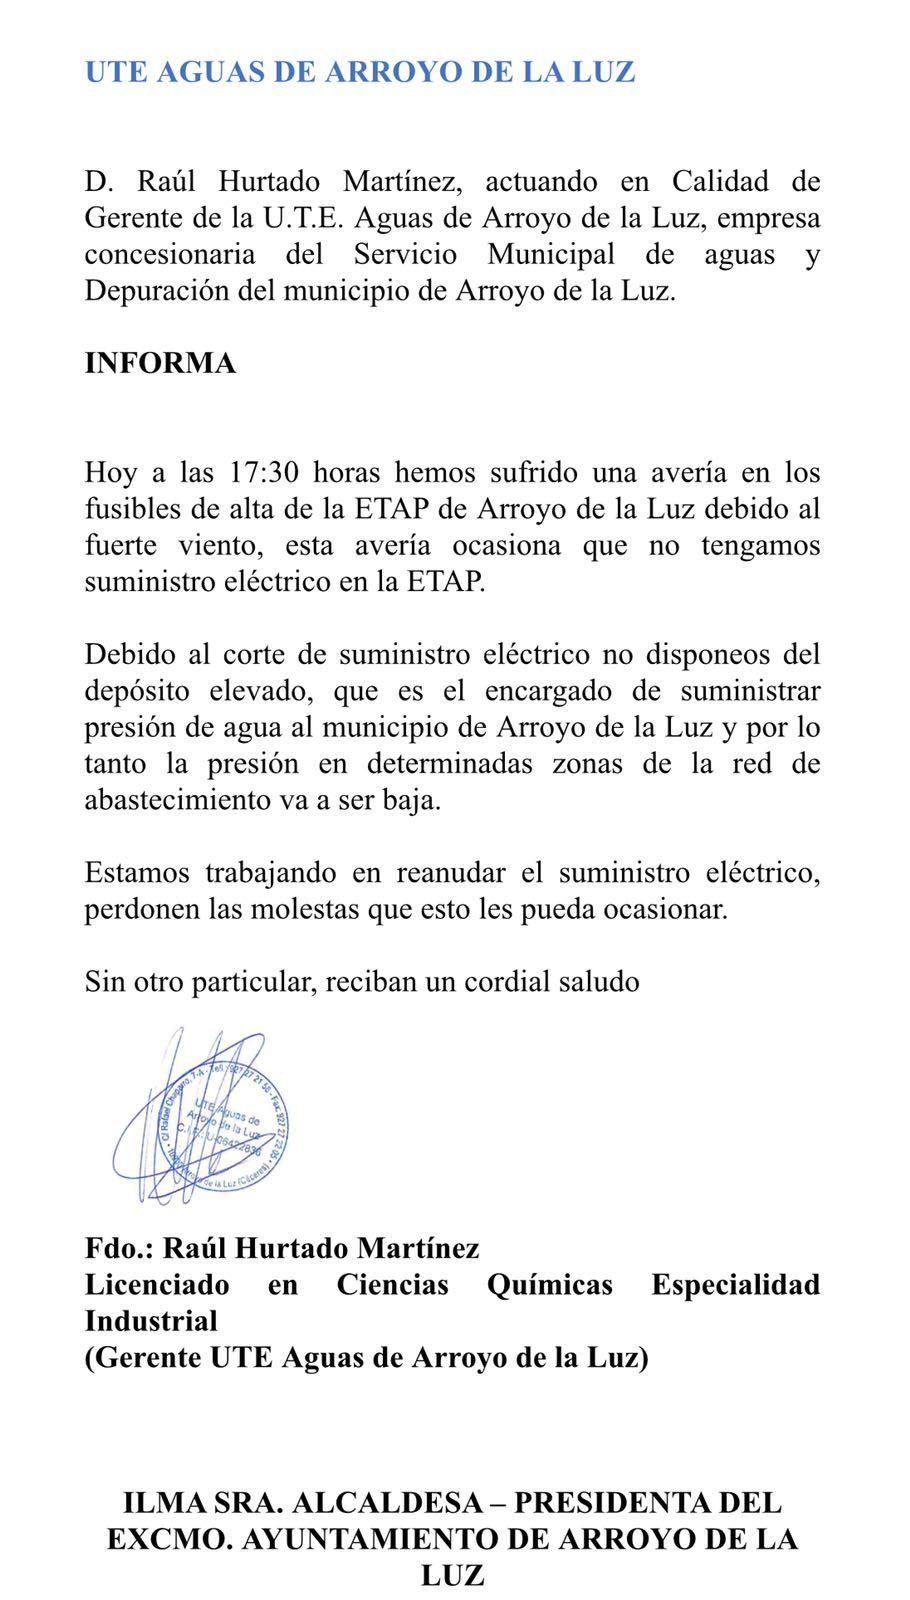 Hermosa Reanudar Acentos Componente - Ejemplo De Currículum ...